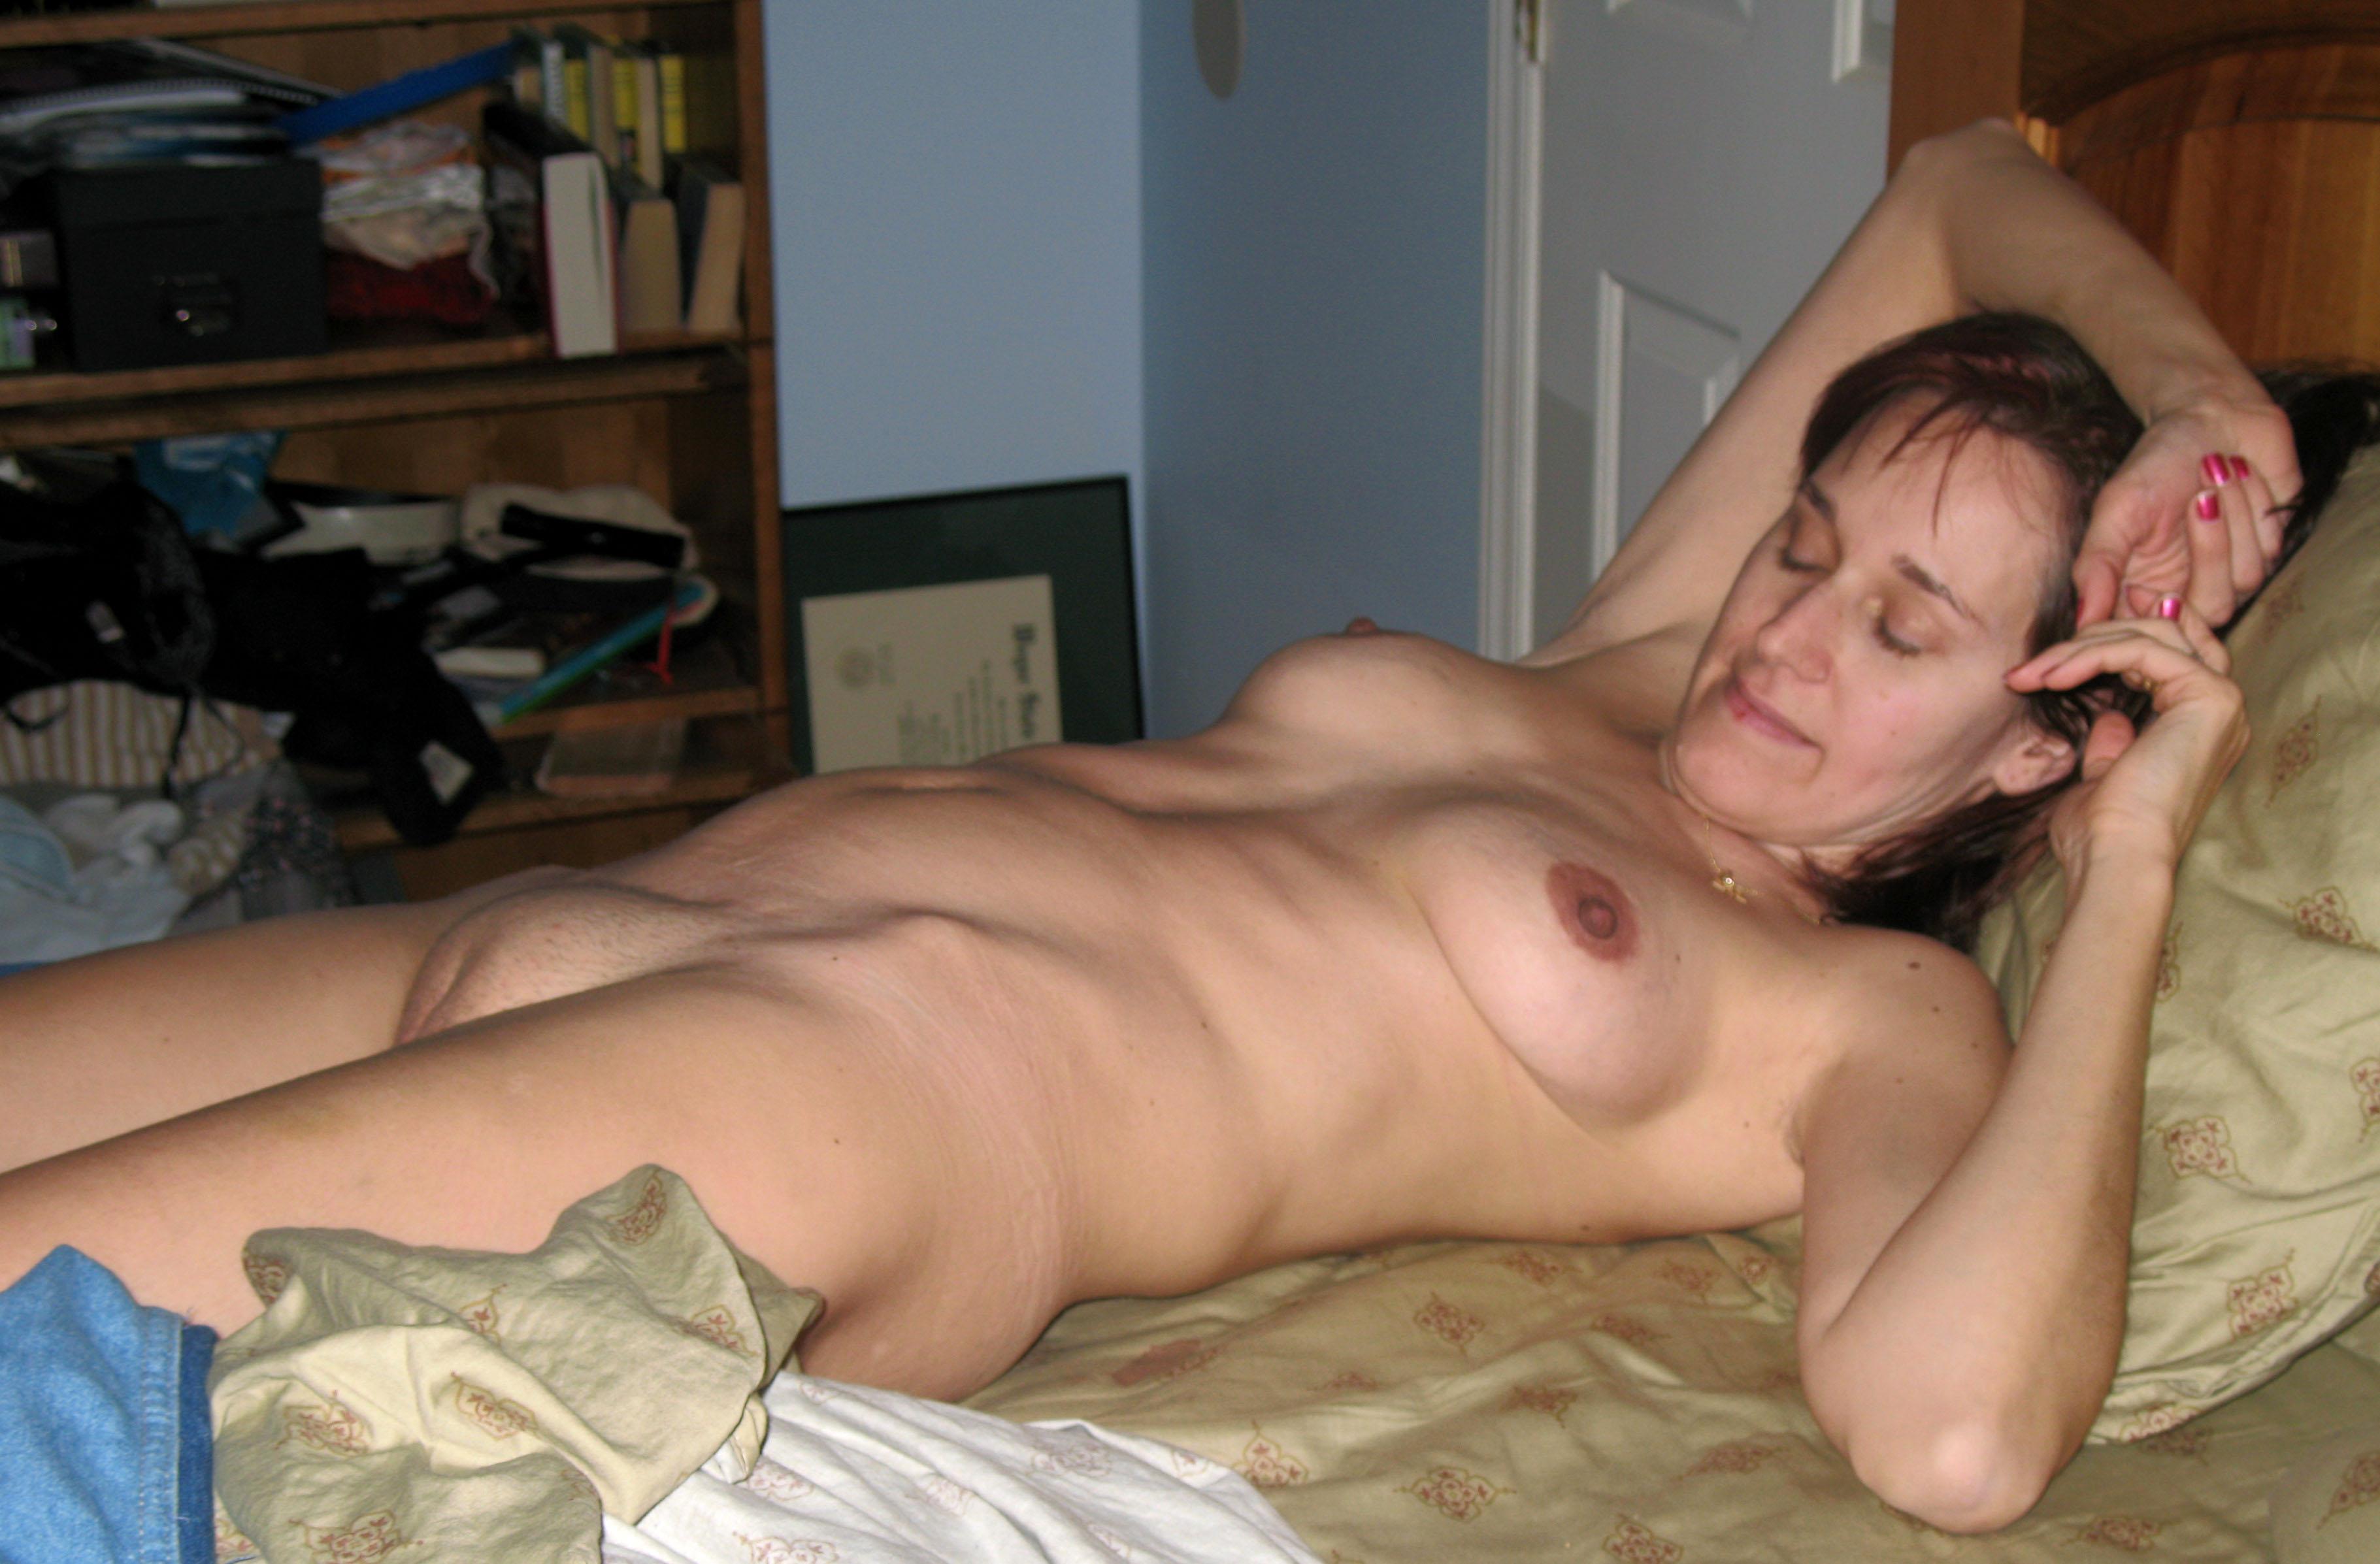 File:Nackt im Bett.jpg - Wikimedia Commons